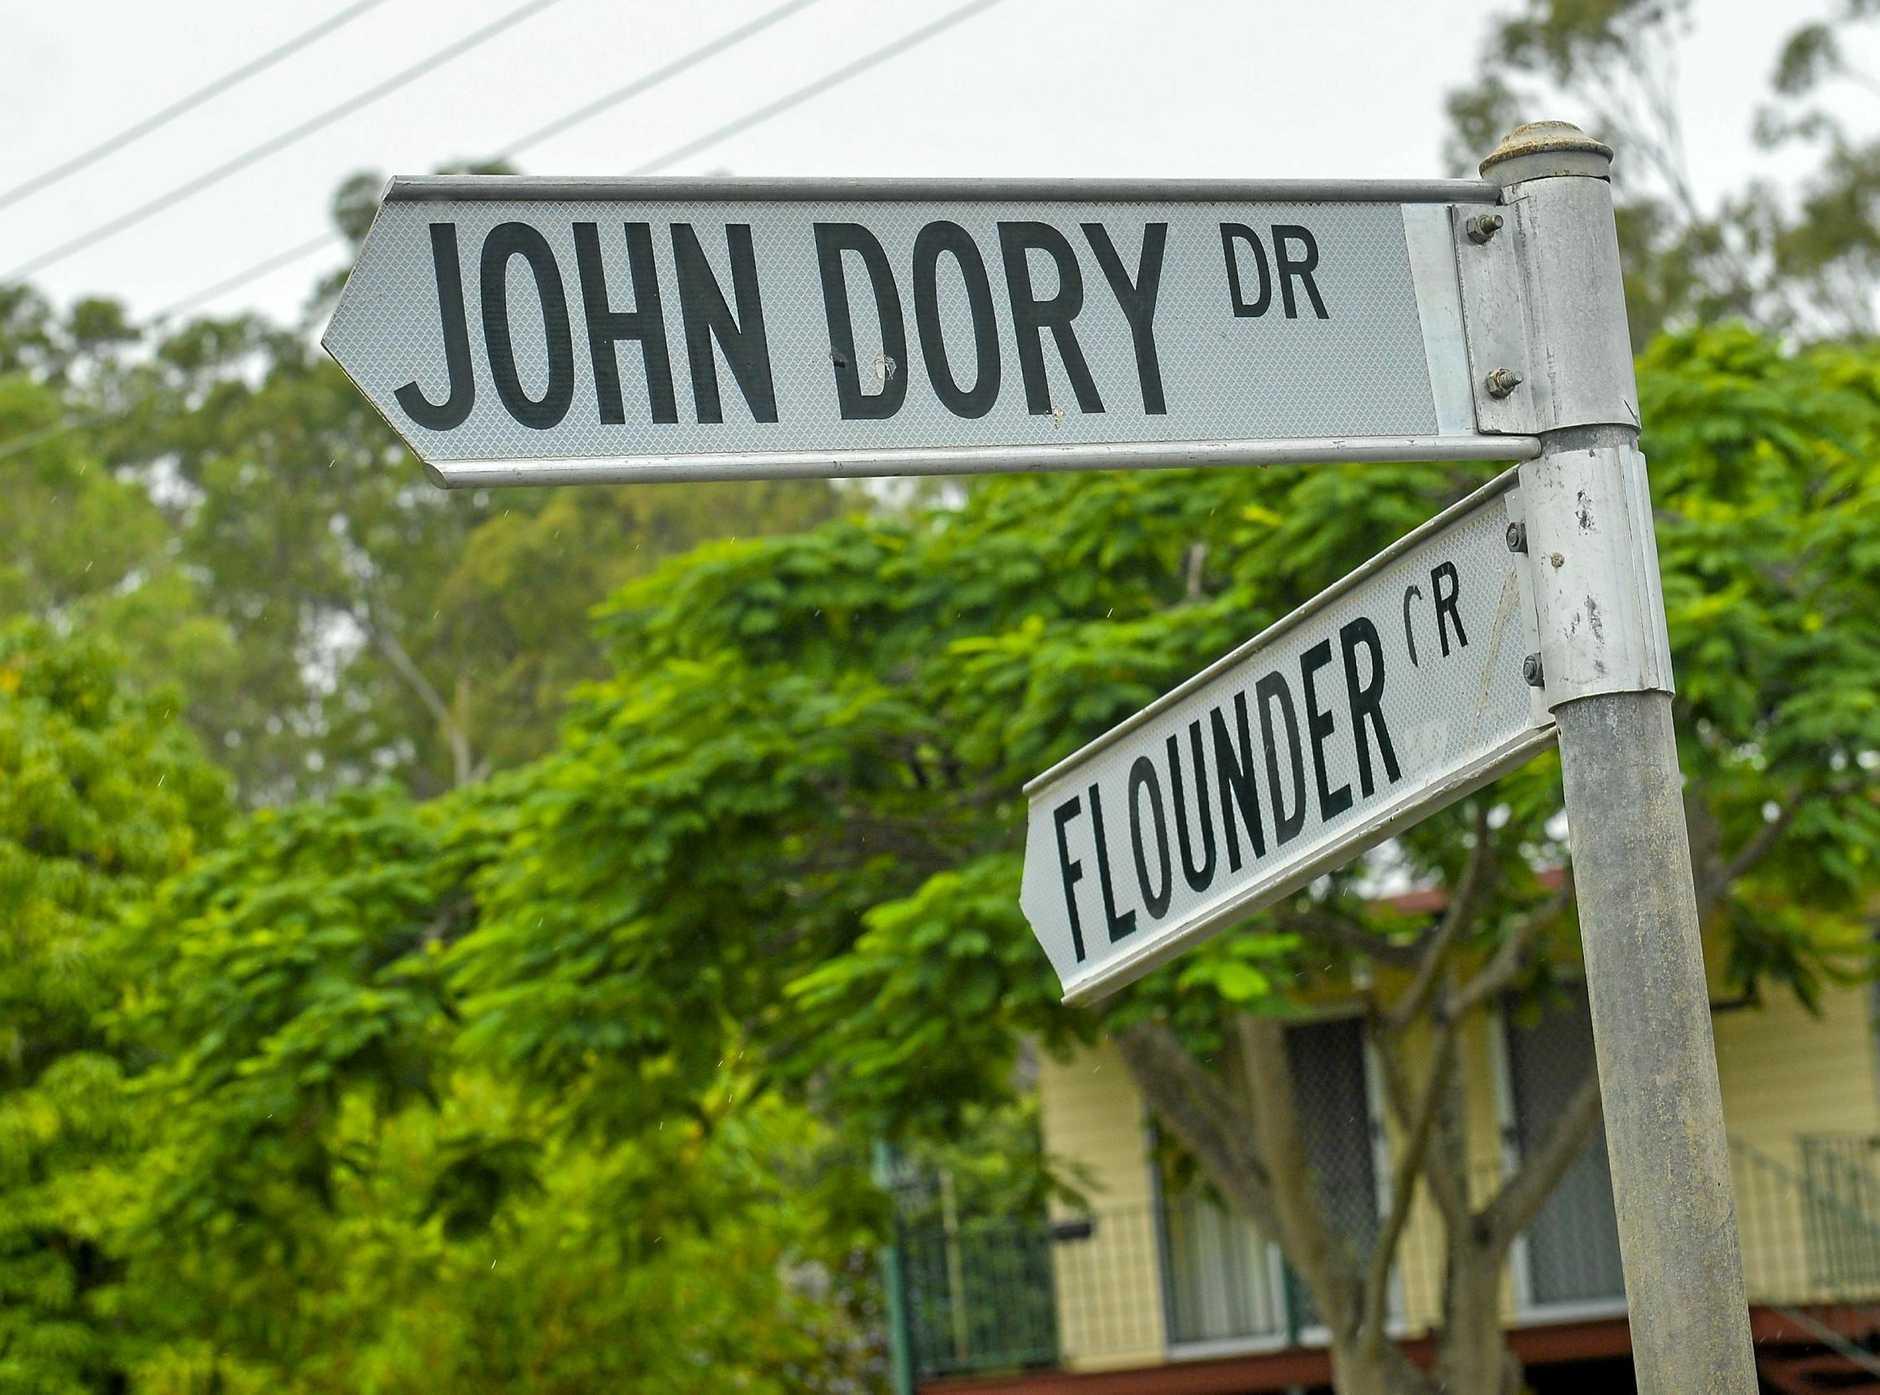 John Dory Dr, Toolooa.